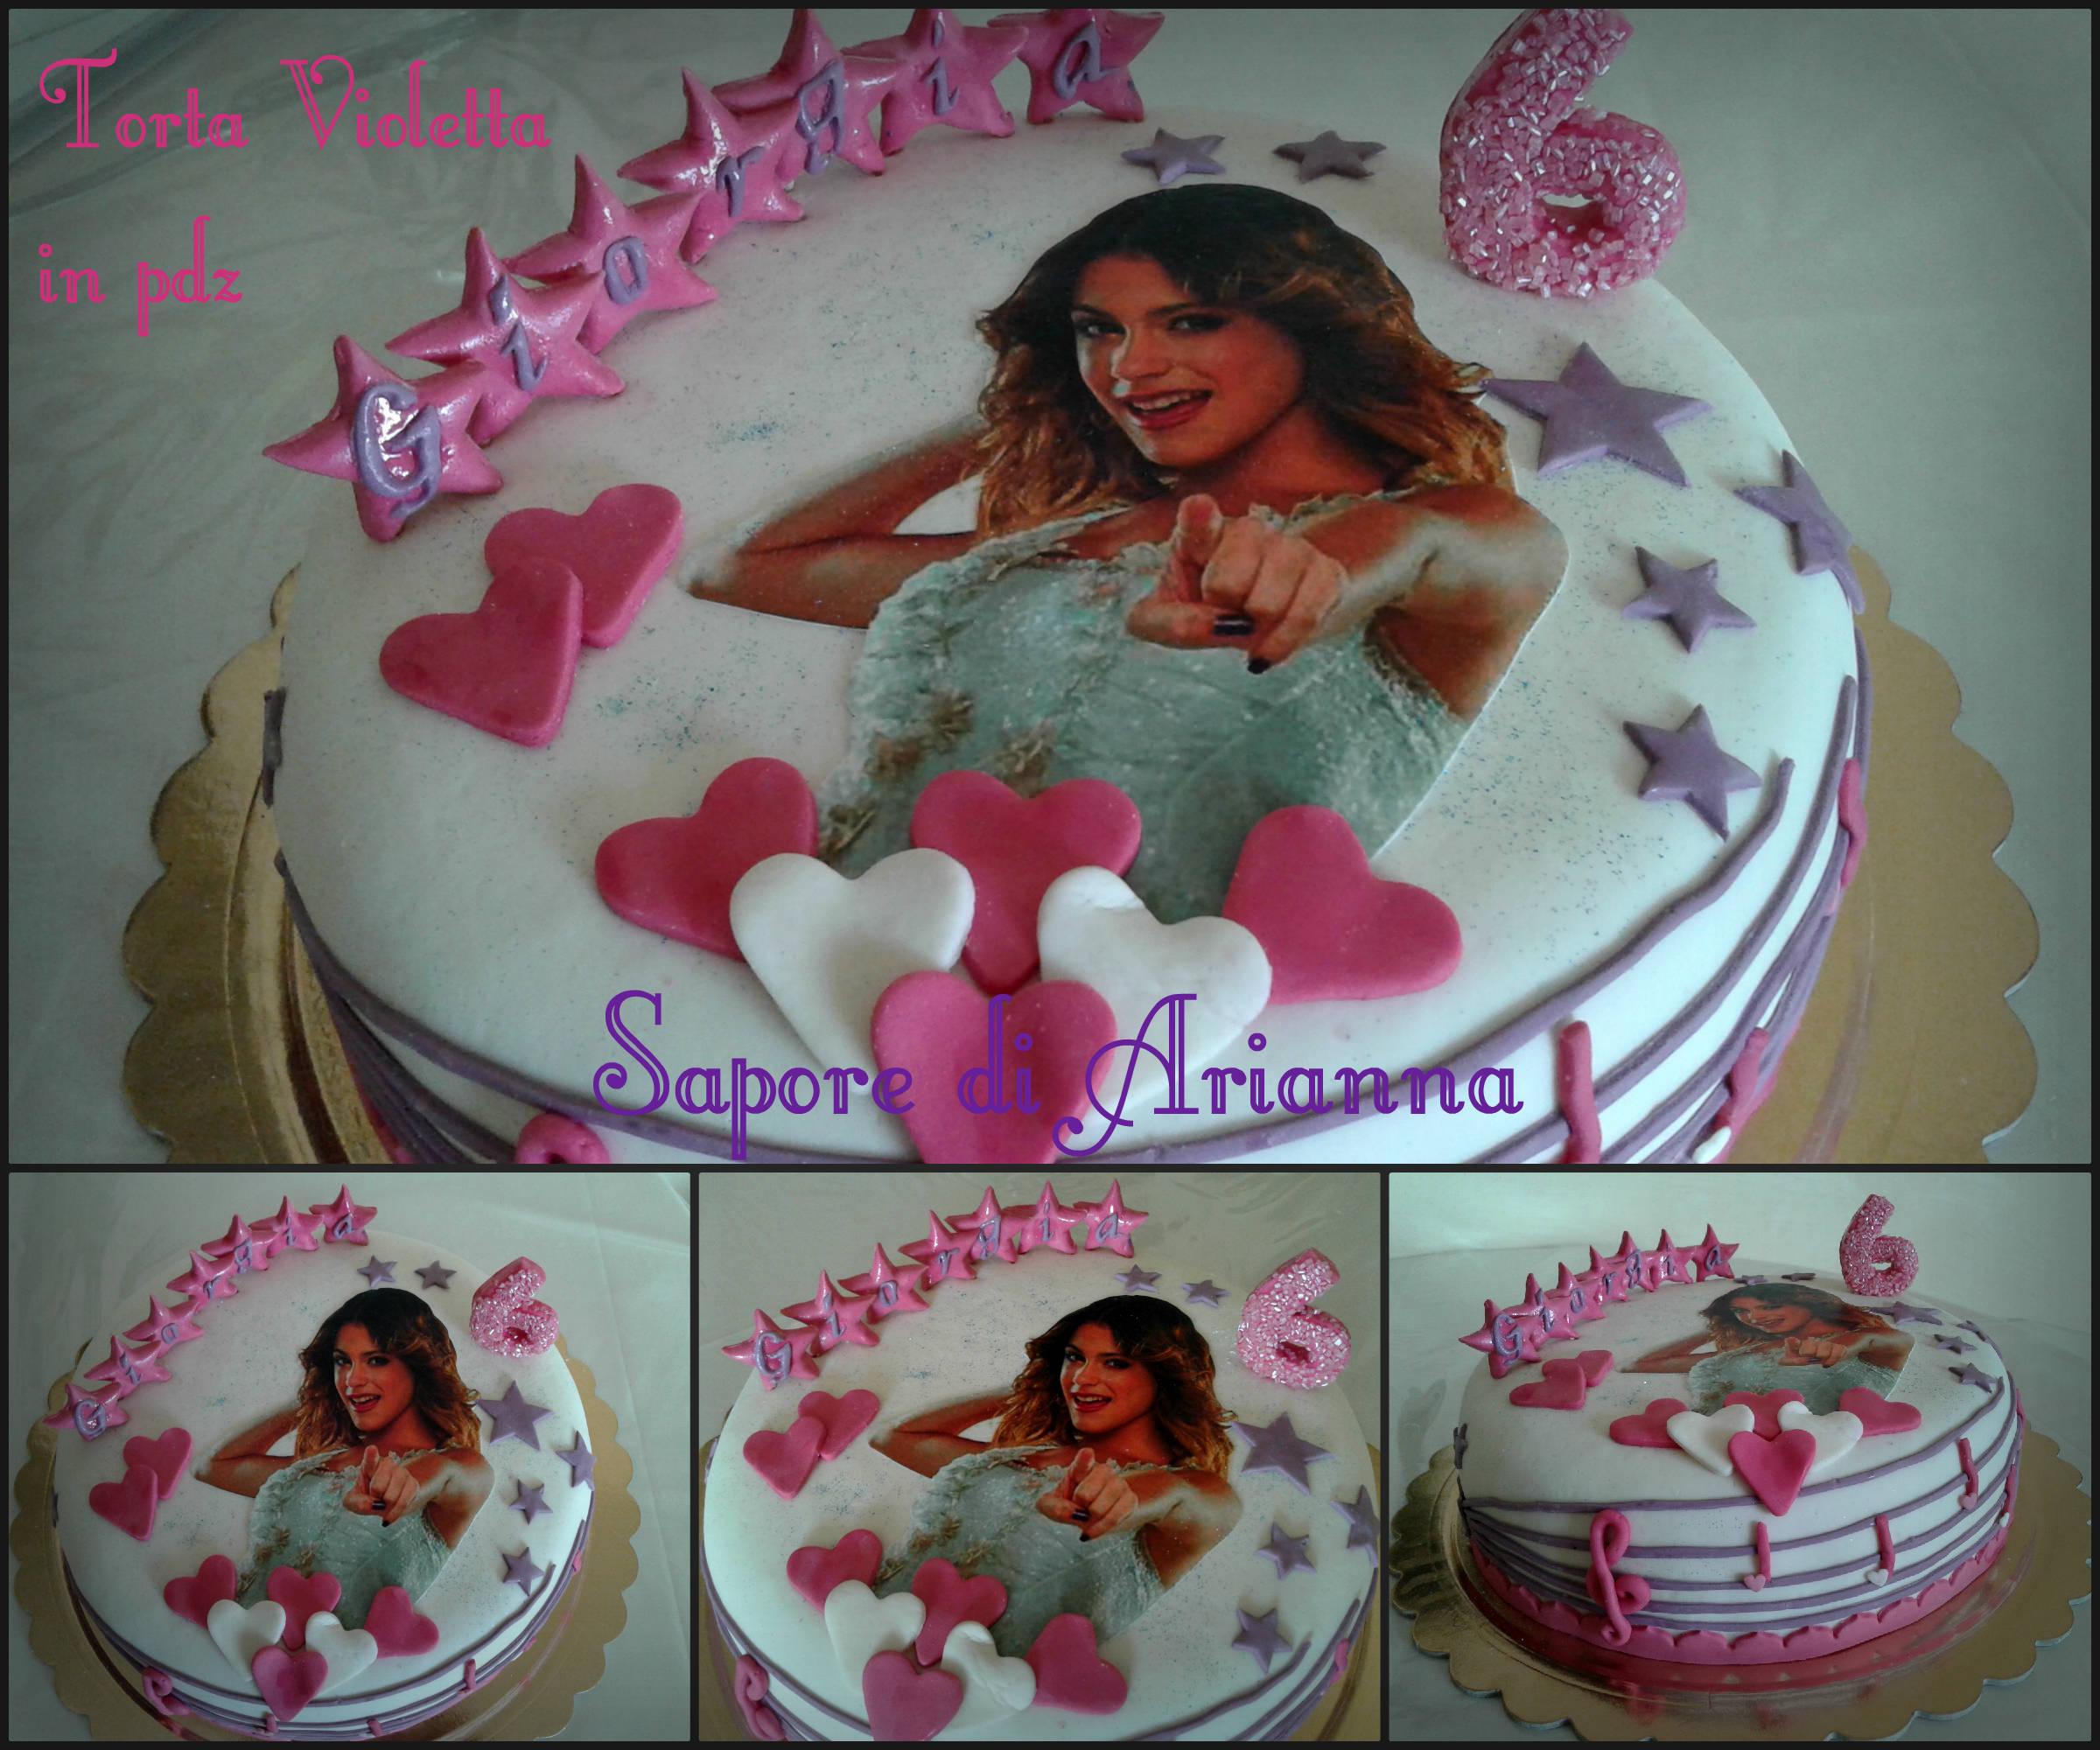 Torta Cake Design Violetta : Torta Violetta in pdz e mmf, Auguri Giorgia! Sapore di ...